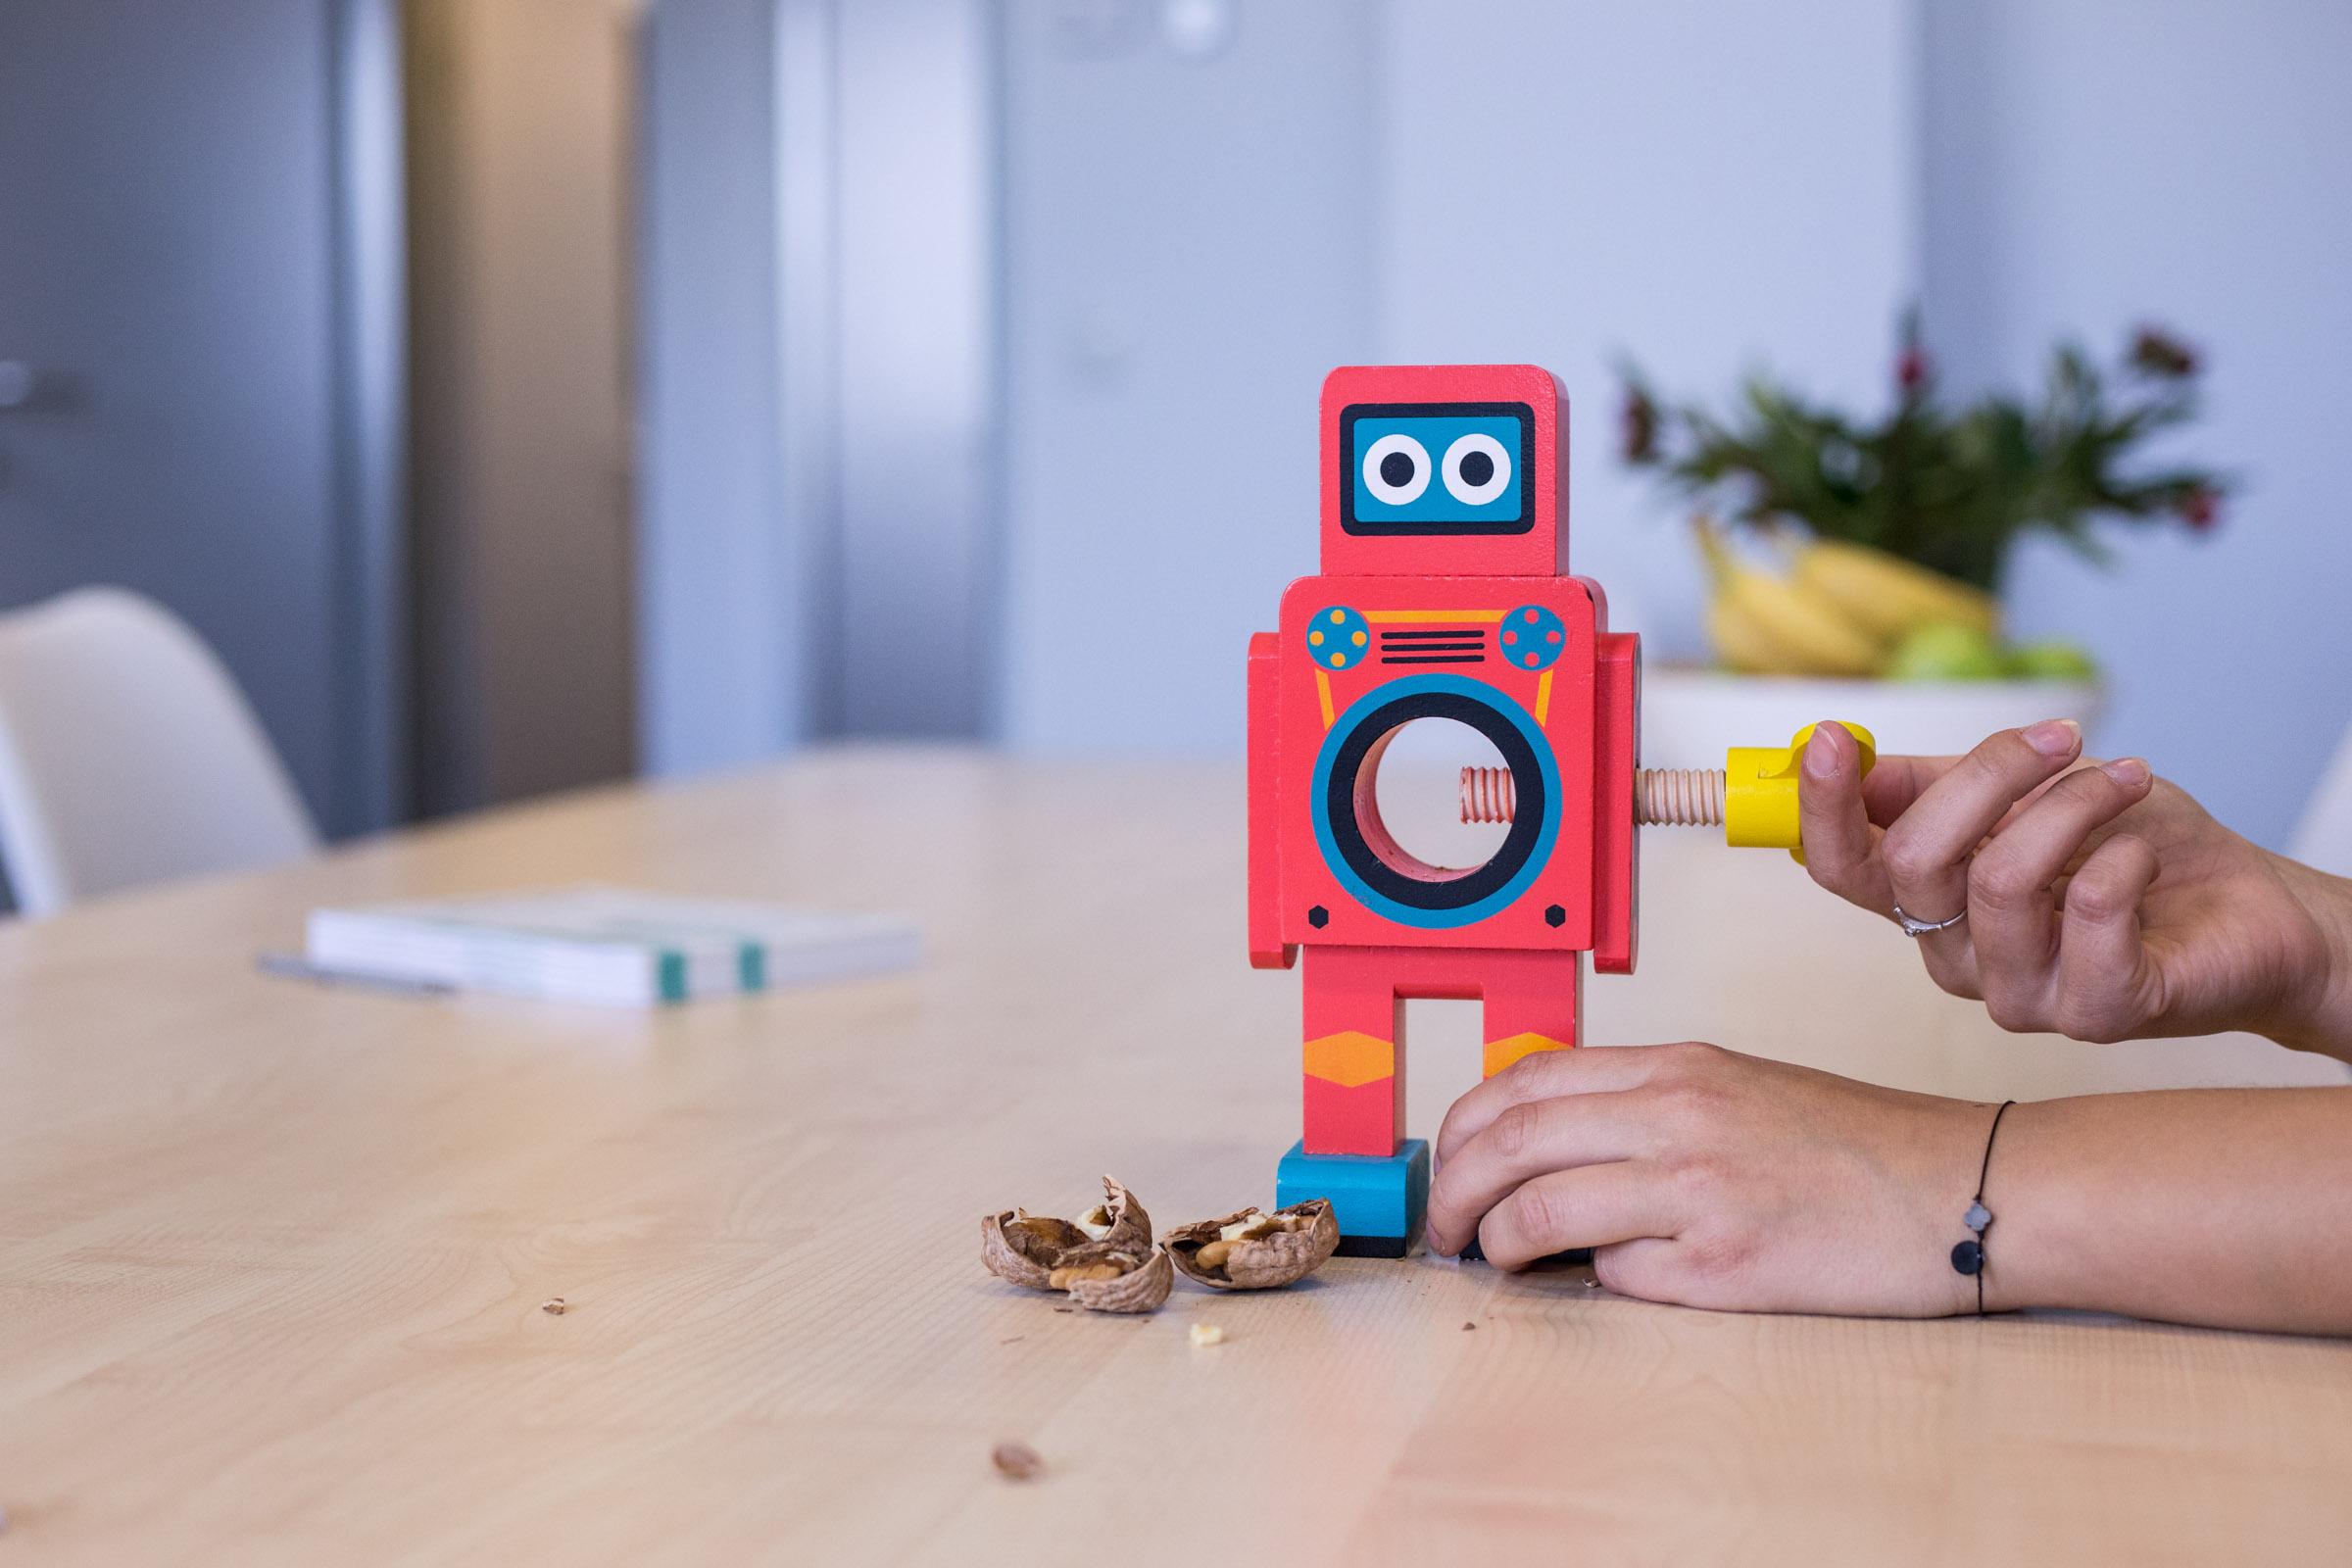 Nüsse knackender Roboter